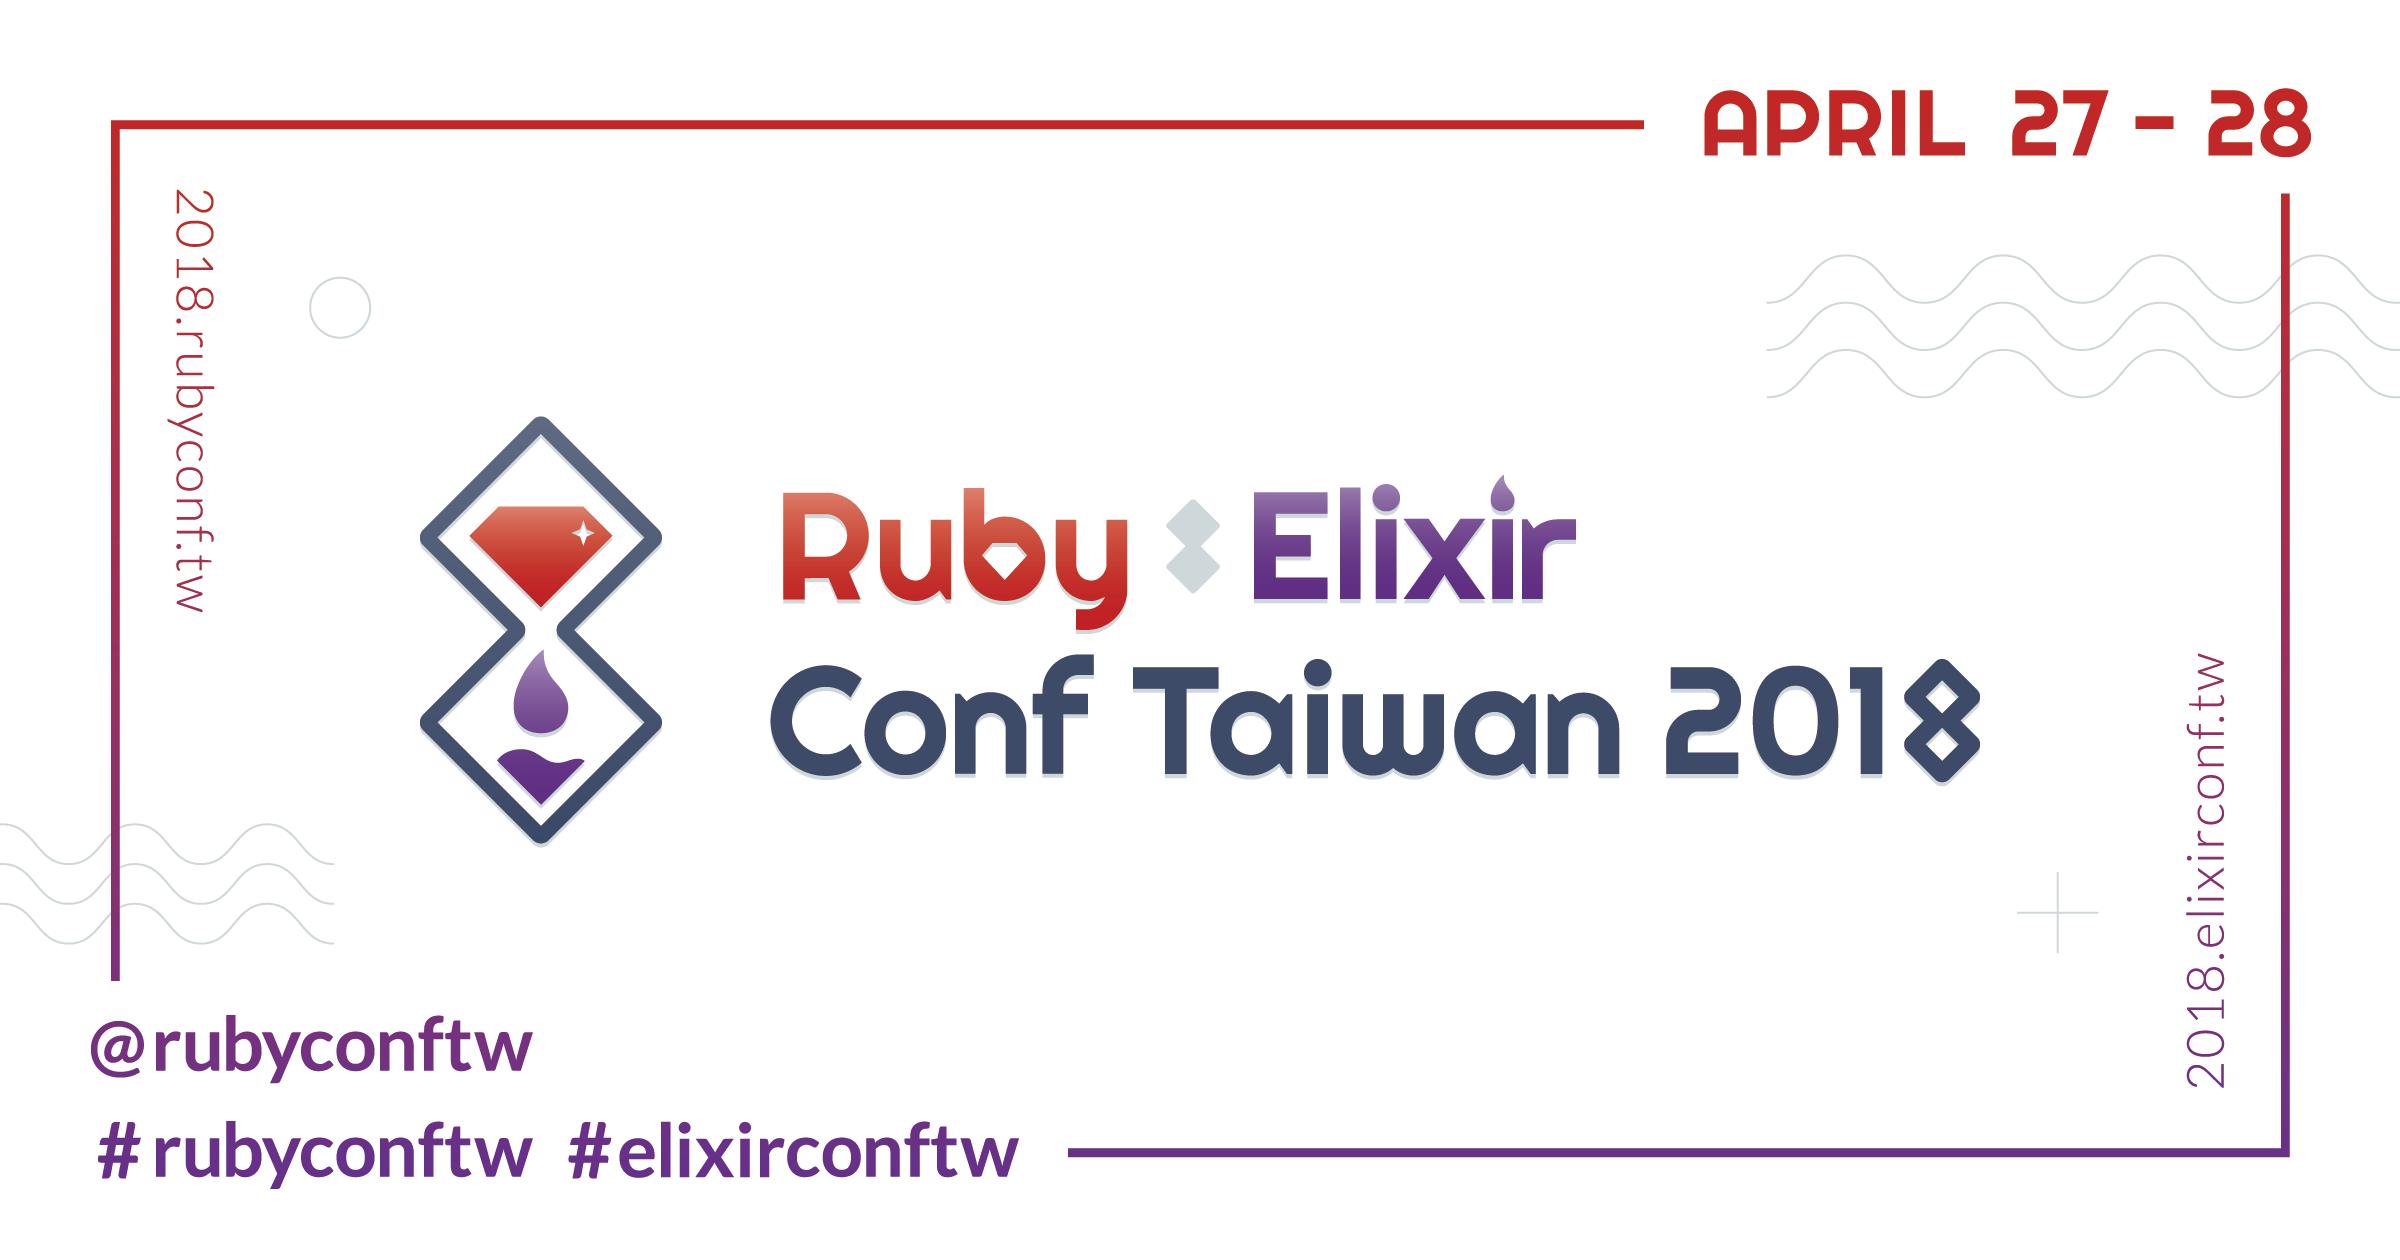 Ruby X Elixir Conf Taiwan 2018